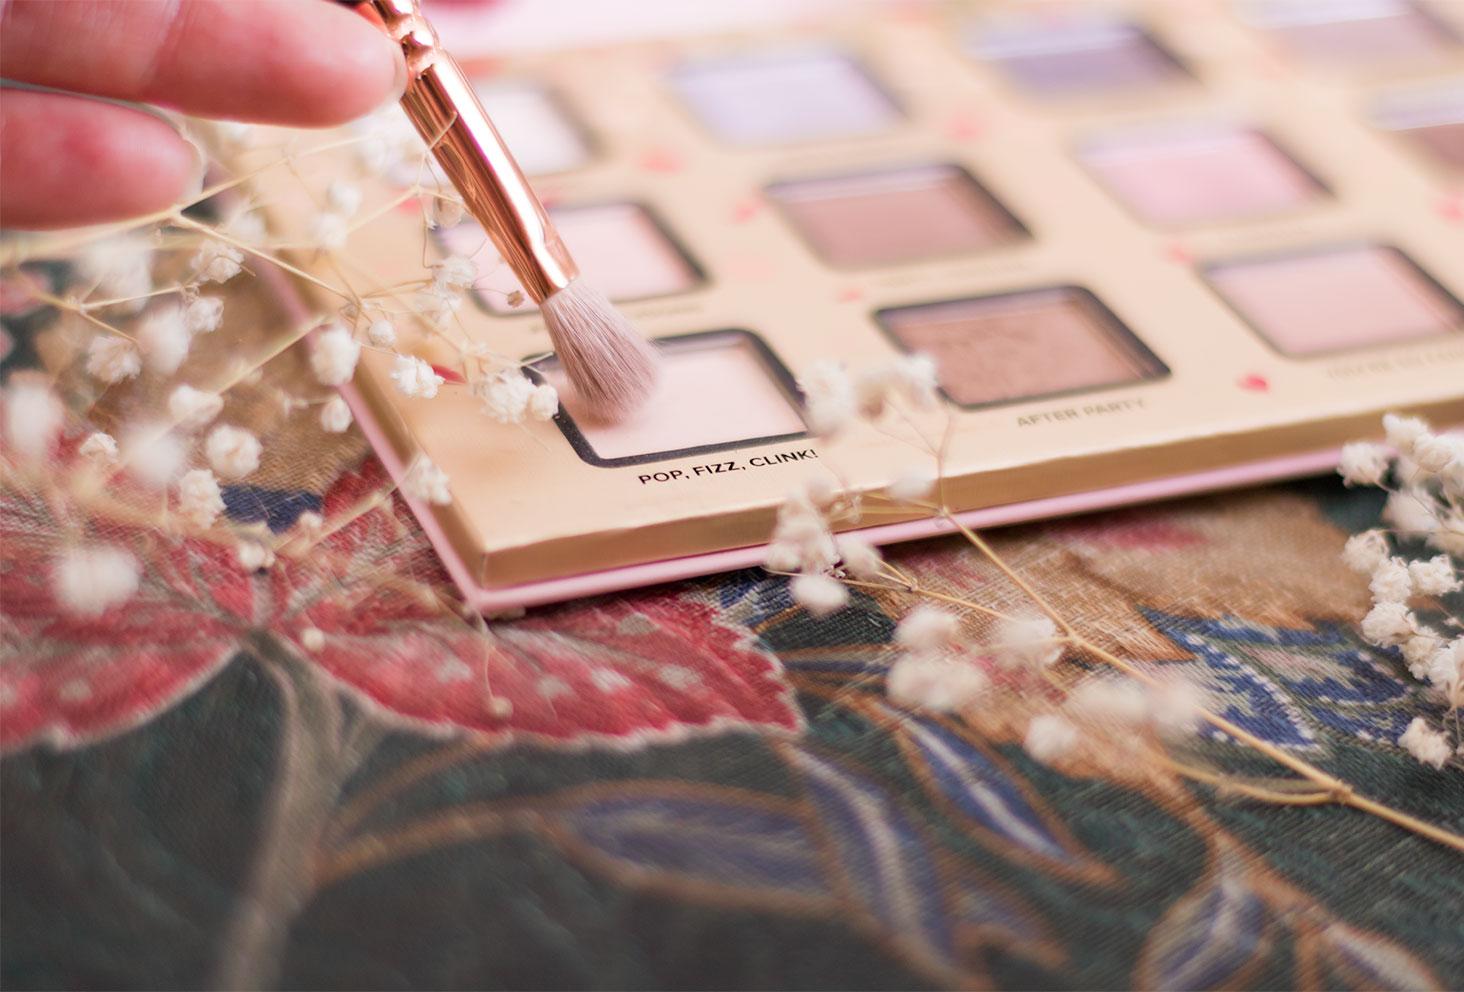 Zoom sur le fard 2, rose très clair, à utiliser pour le make-up avec la palette Funfetti de Too Faced